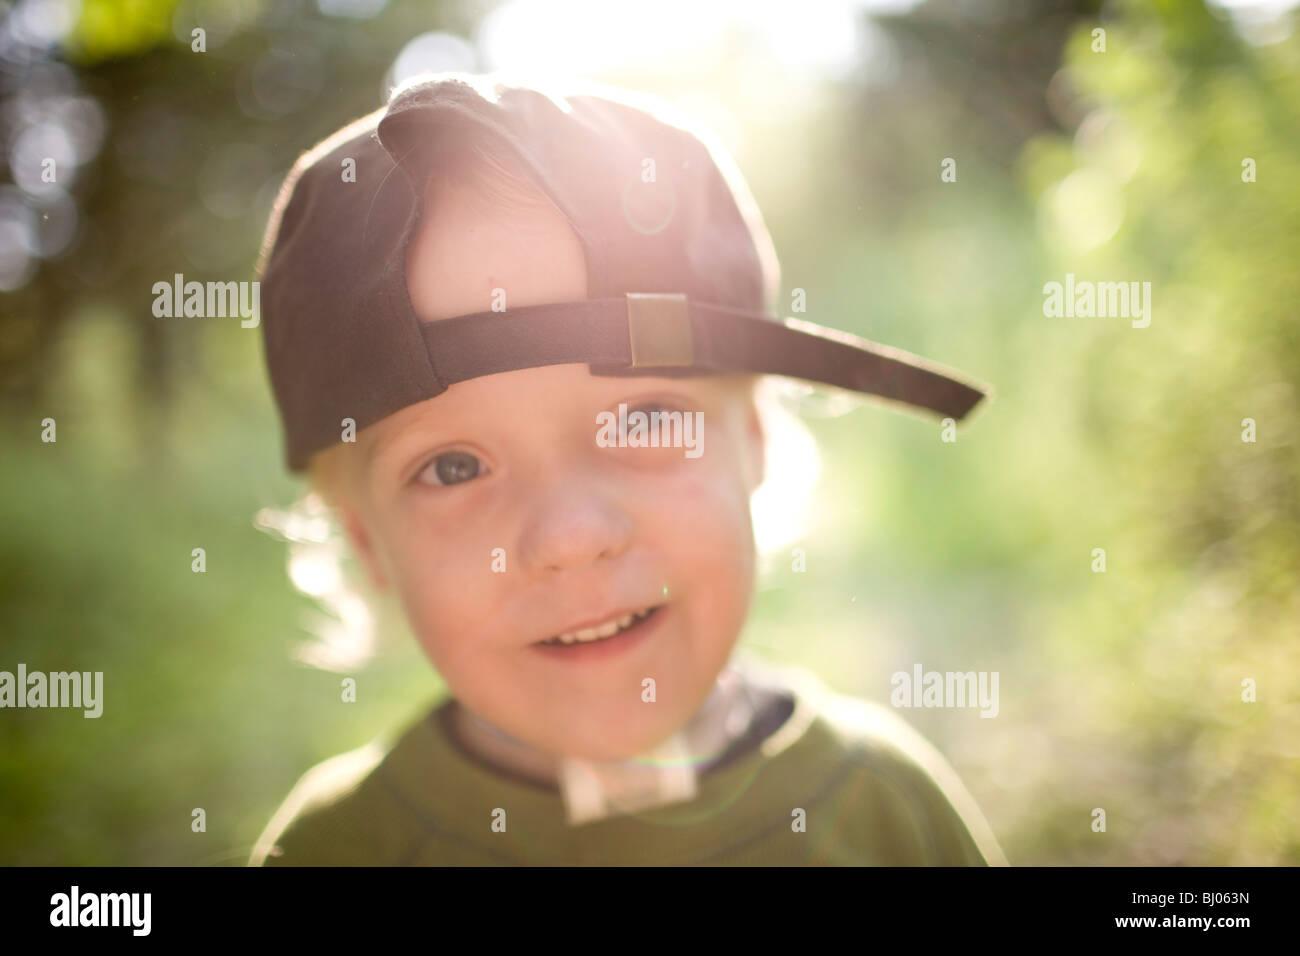 Porträt eines glücklichen jungen tragen eine Baseball-Cap. Stockfoto